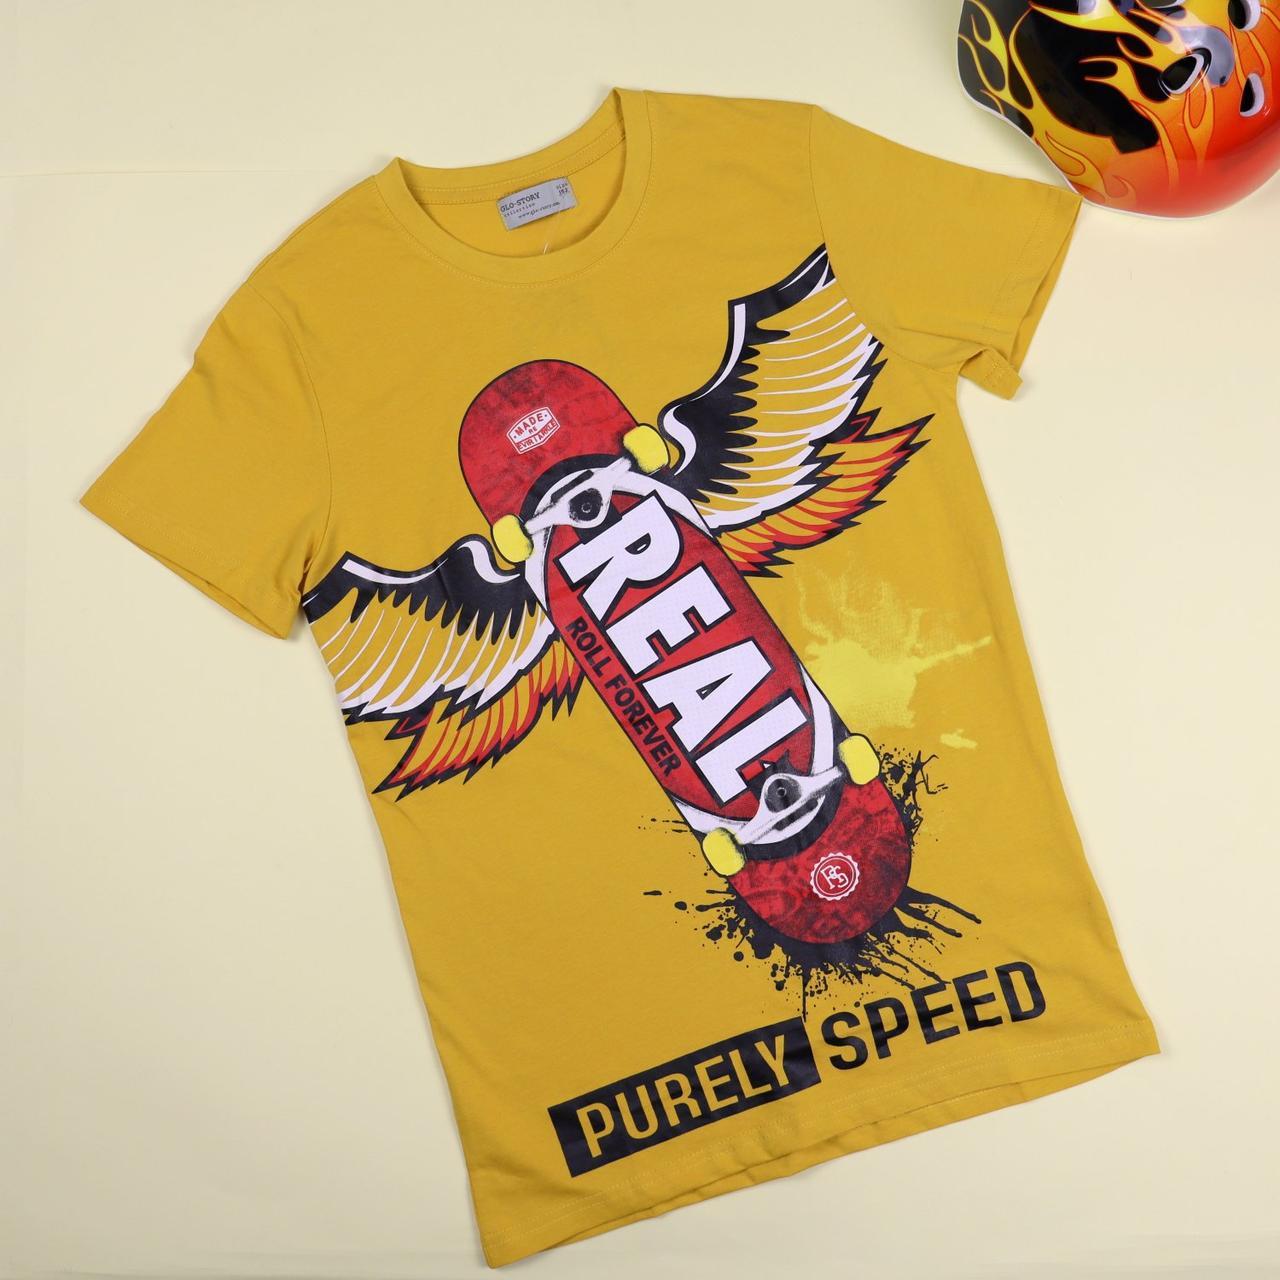 0265жел Жовта футболка для хлопчика Скейт тм GLO-STORY розмір 158 см